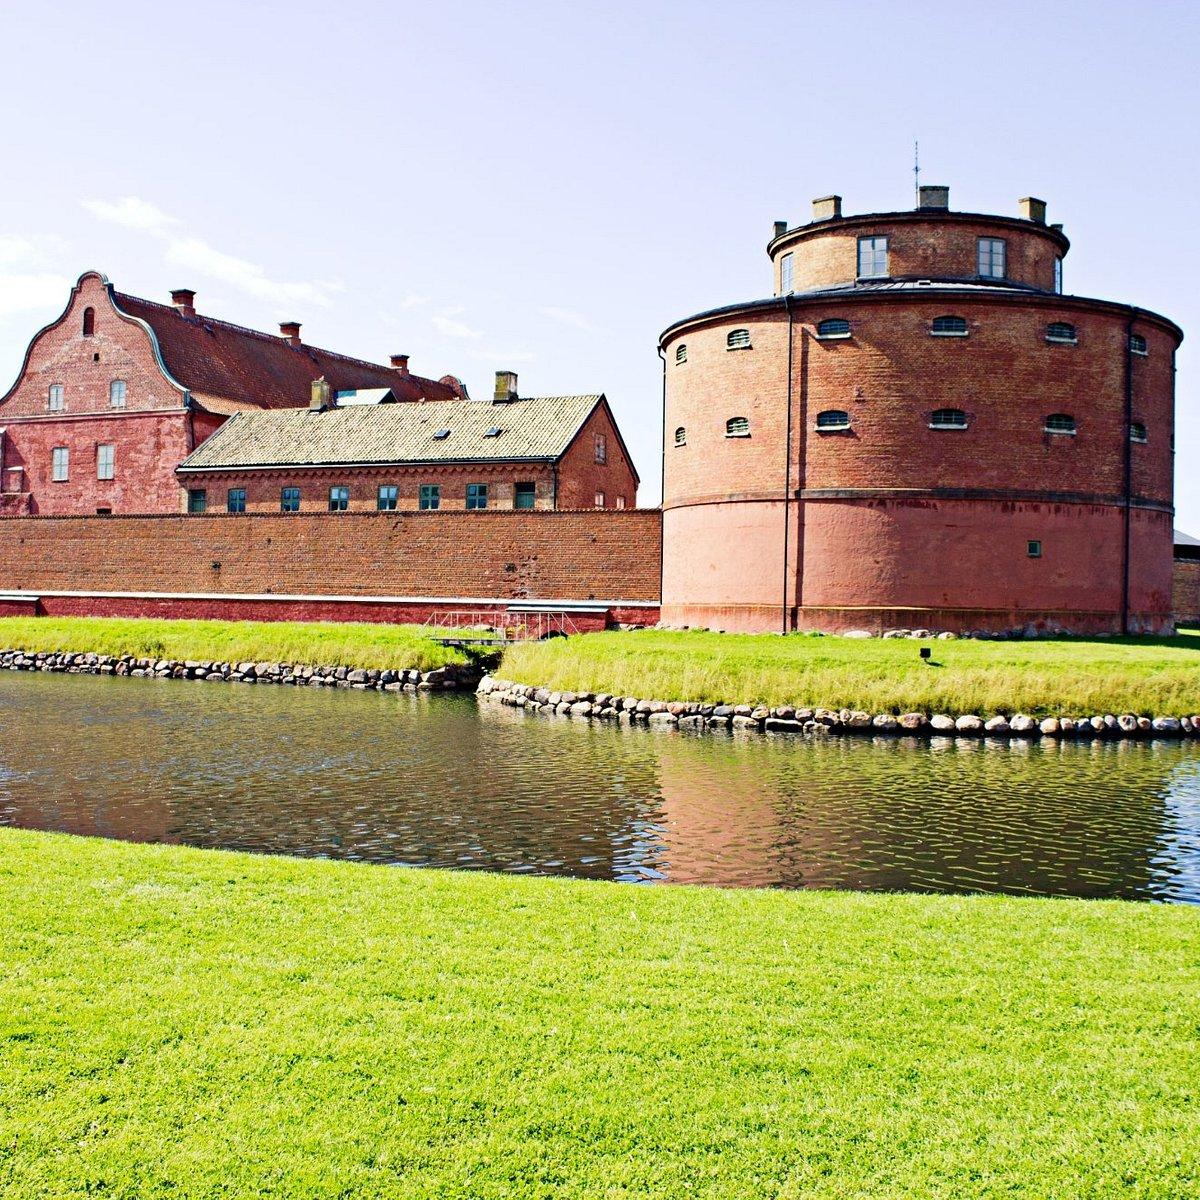 landskrona dating sites